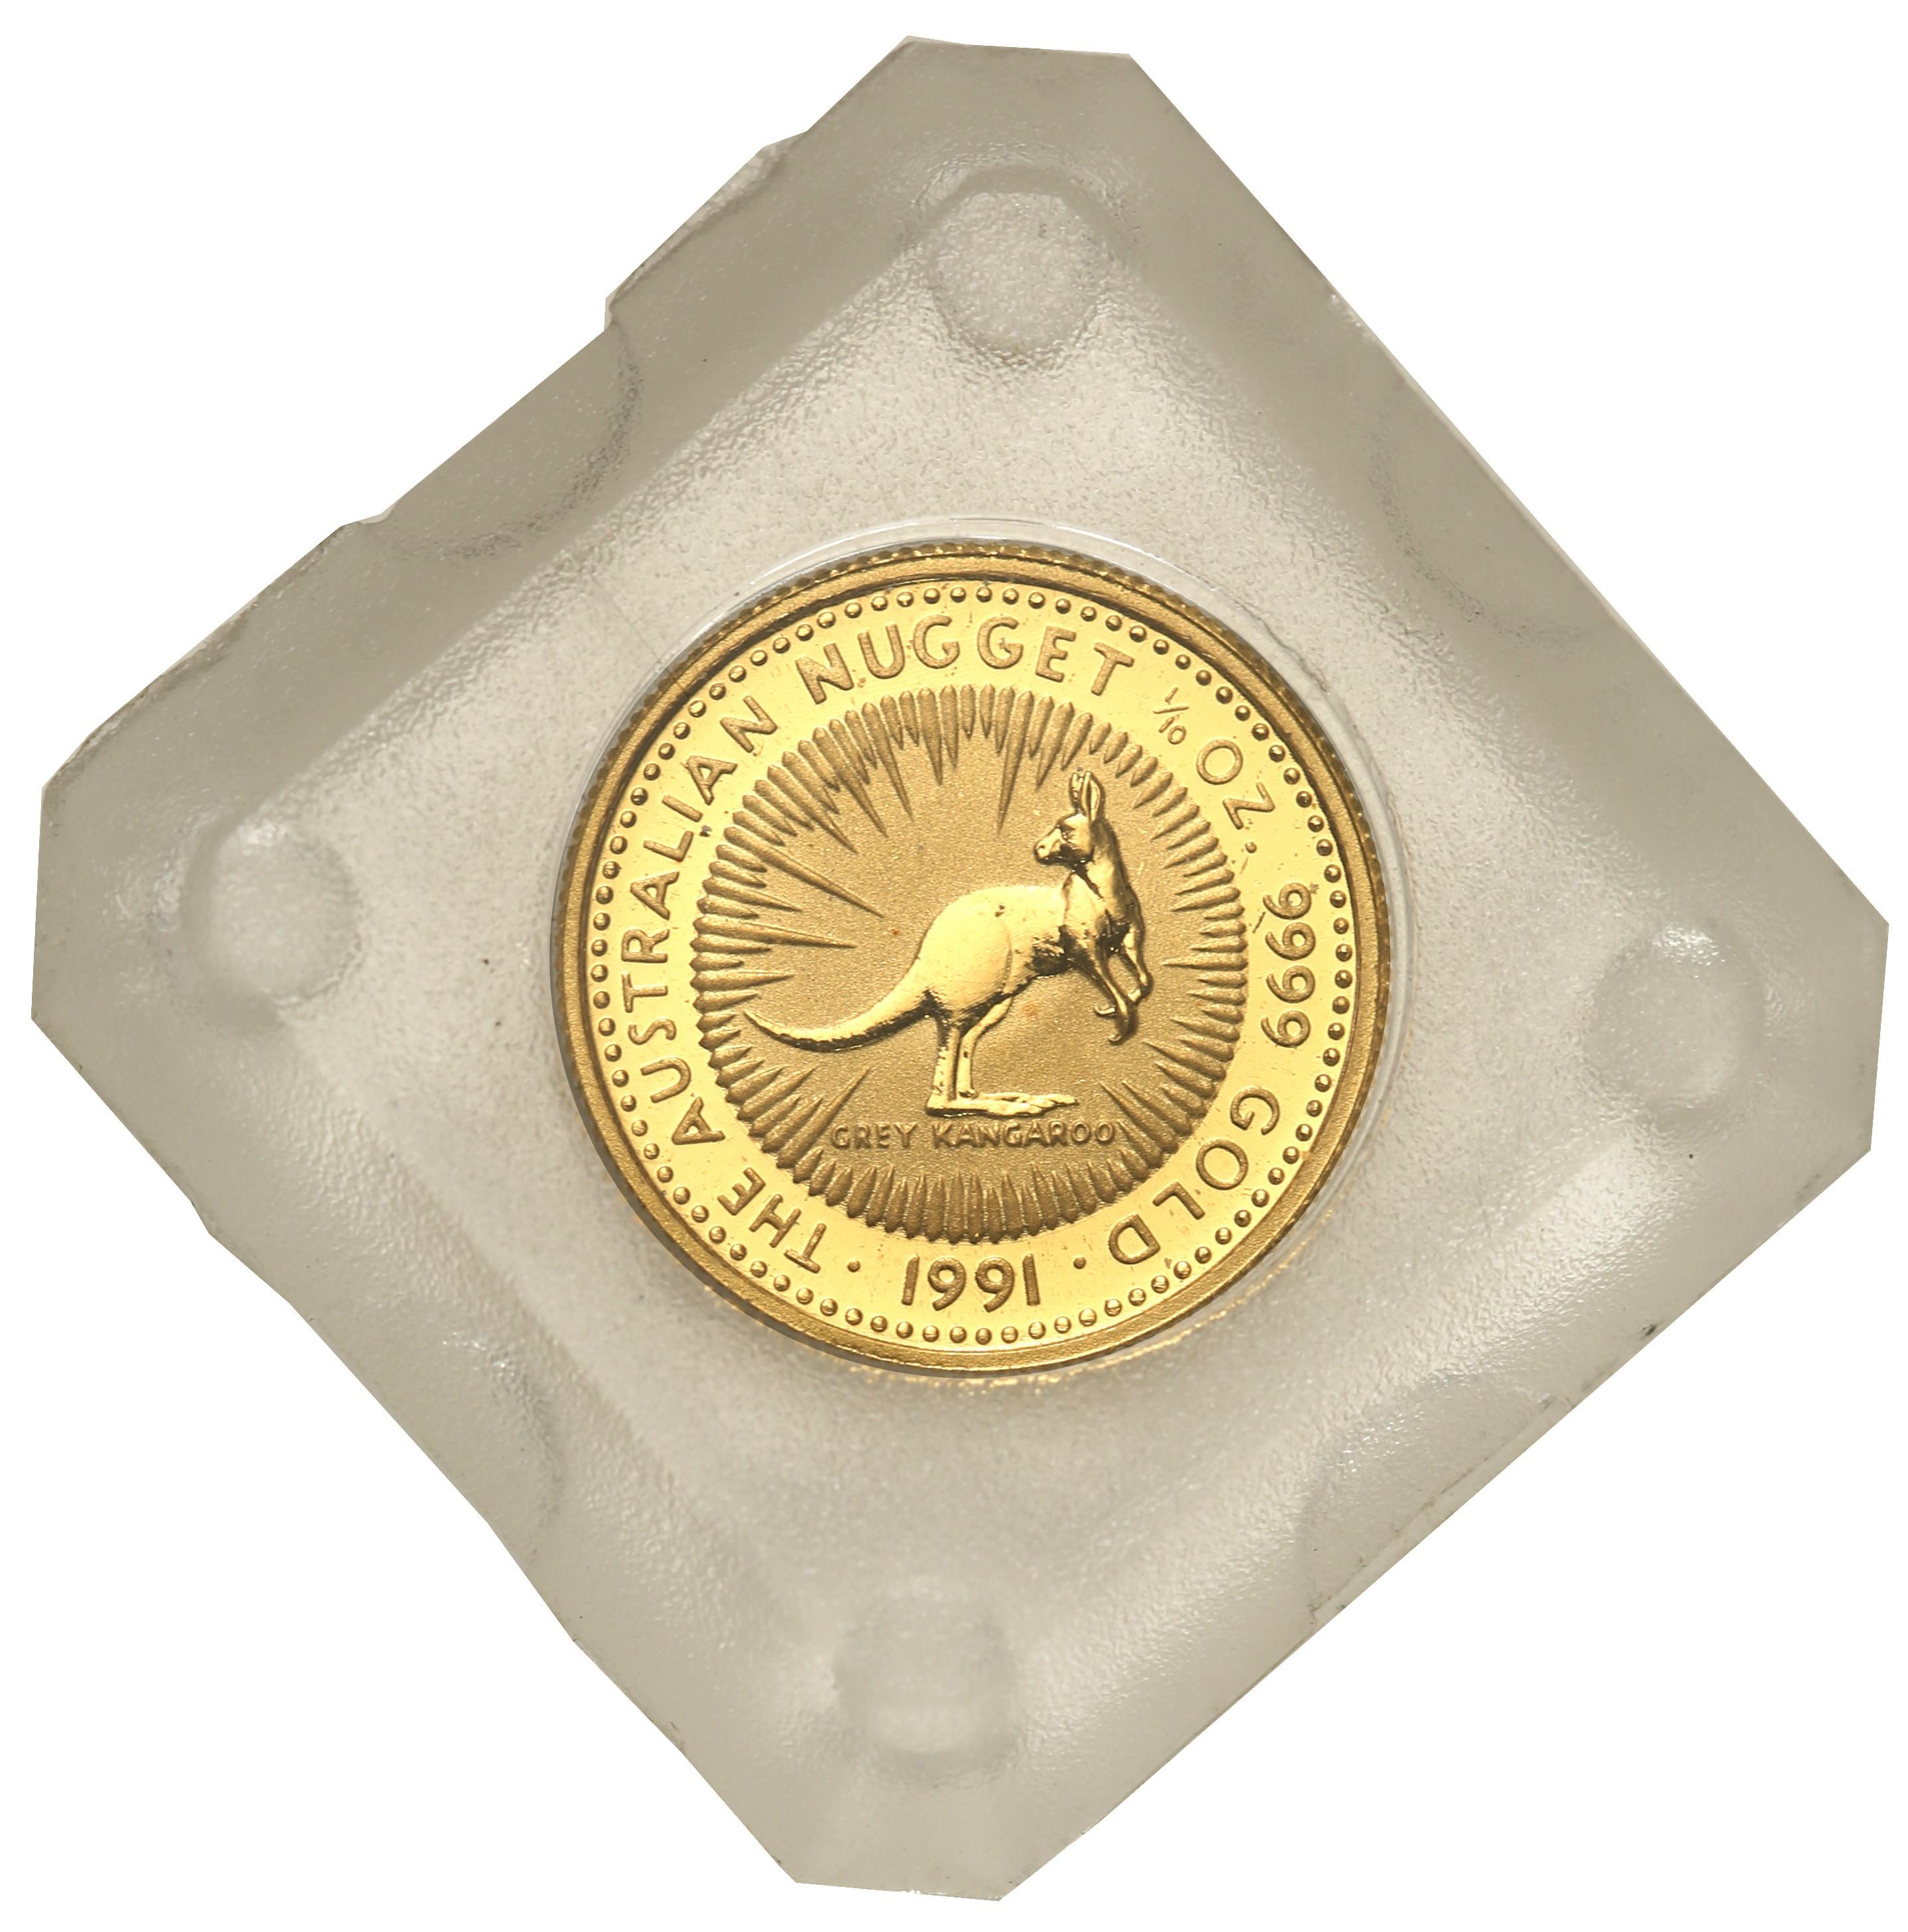 Australia. Elżbieta II 15 Dolarów 1991 kangur st.L – 1/10 uncji złota